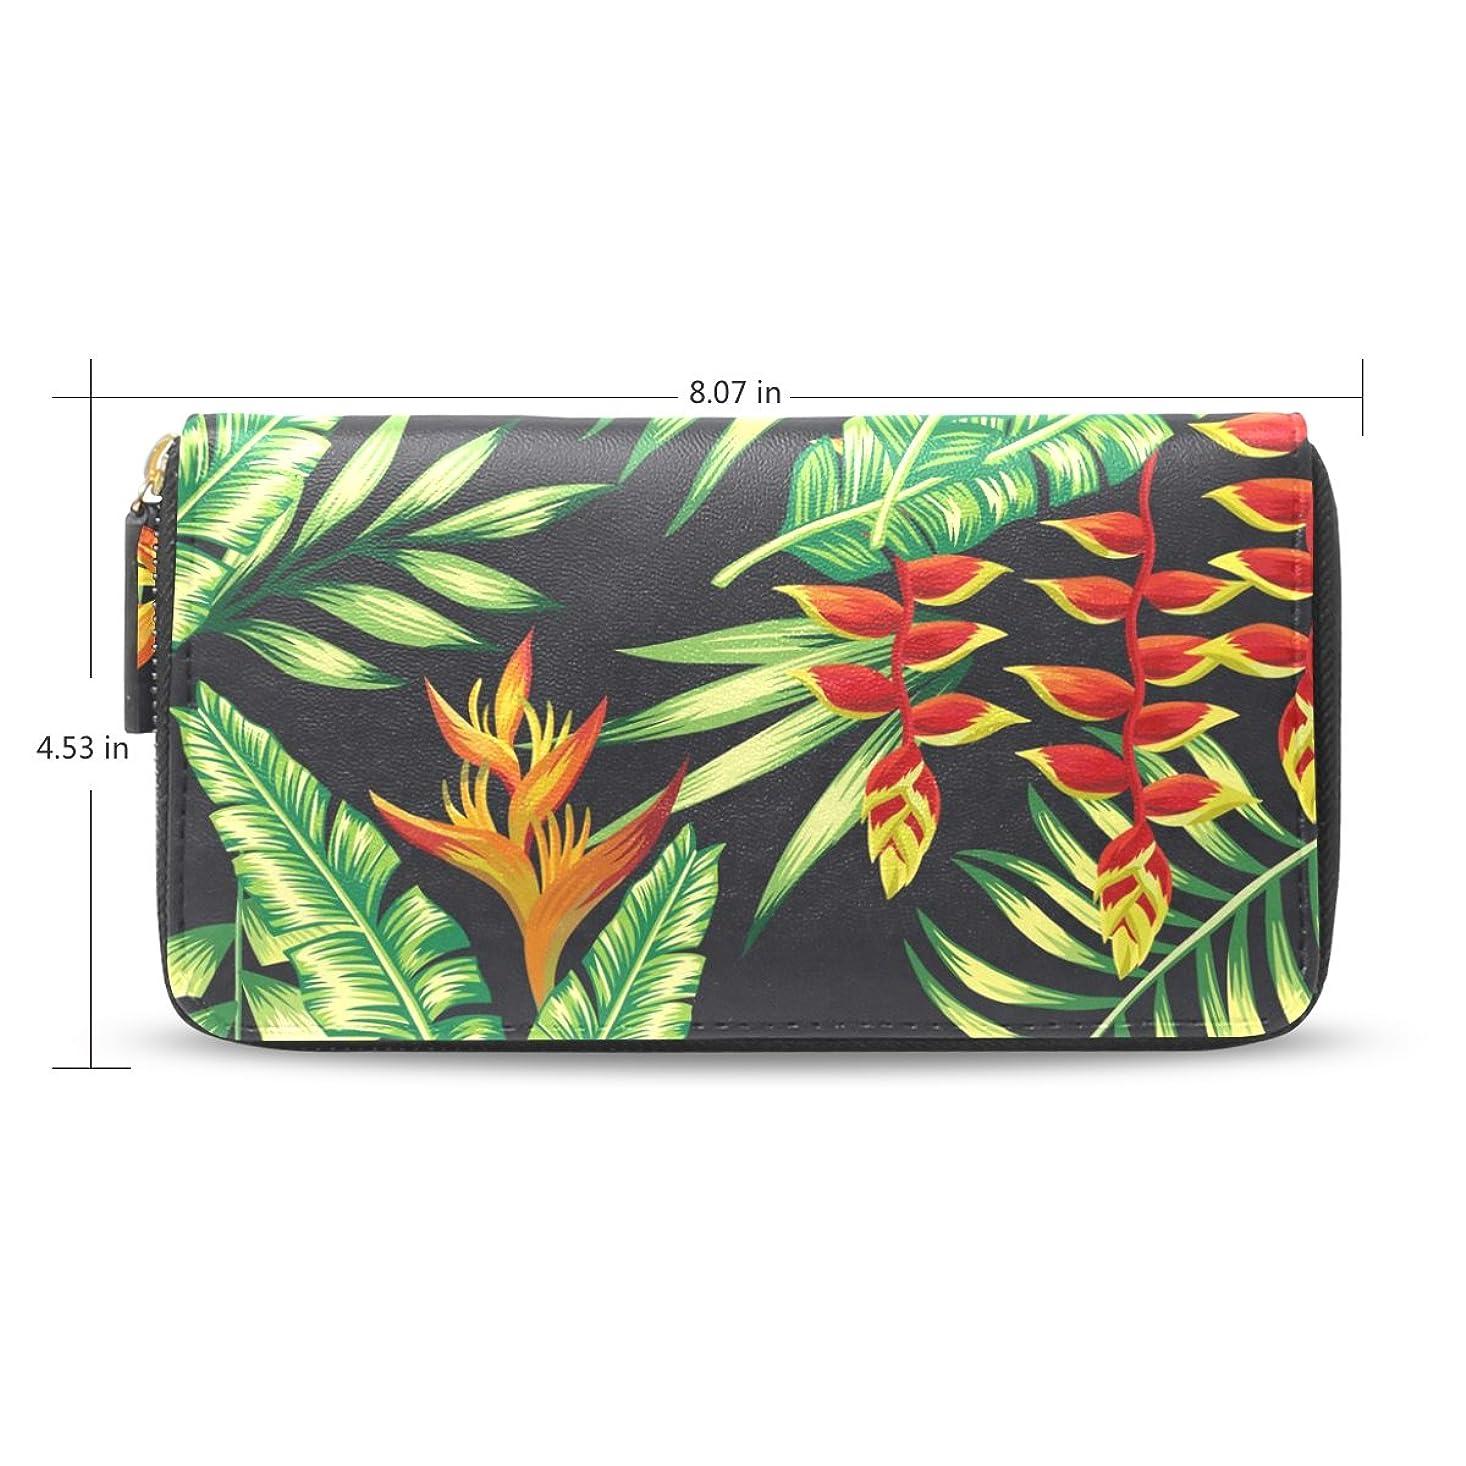 浮浪者遺棄された特徴づけるUSAKI(ユサキ) レディース ファスナー 財布,熱帯 夏威夷 緑 グリーン 木の葉 シュロの葉 22,お札 小銭 カード入れ 大容量 長財布 入学式 卒業式 誕生日 プレゼント